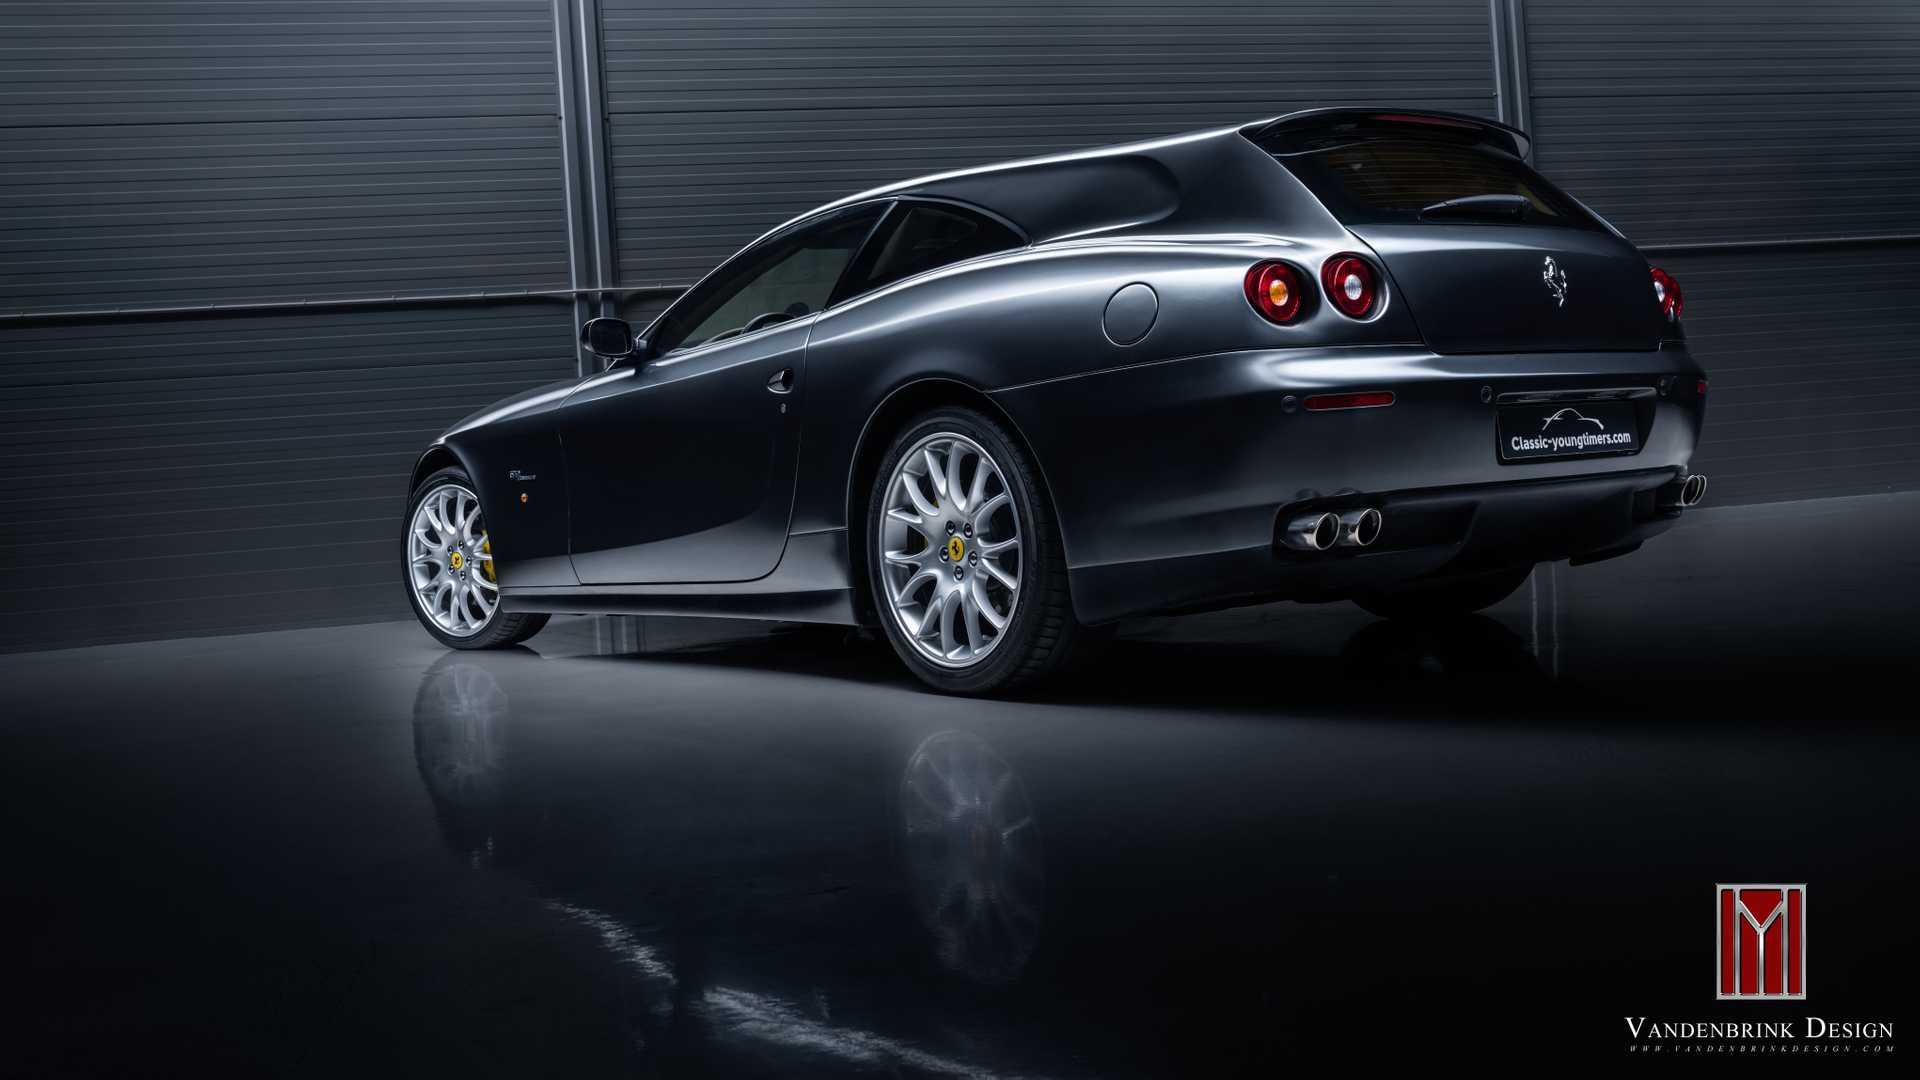 Ferrari-612-Scaglietti-Shooting-Brake-by-Vandenbrink-12